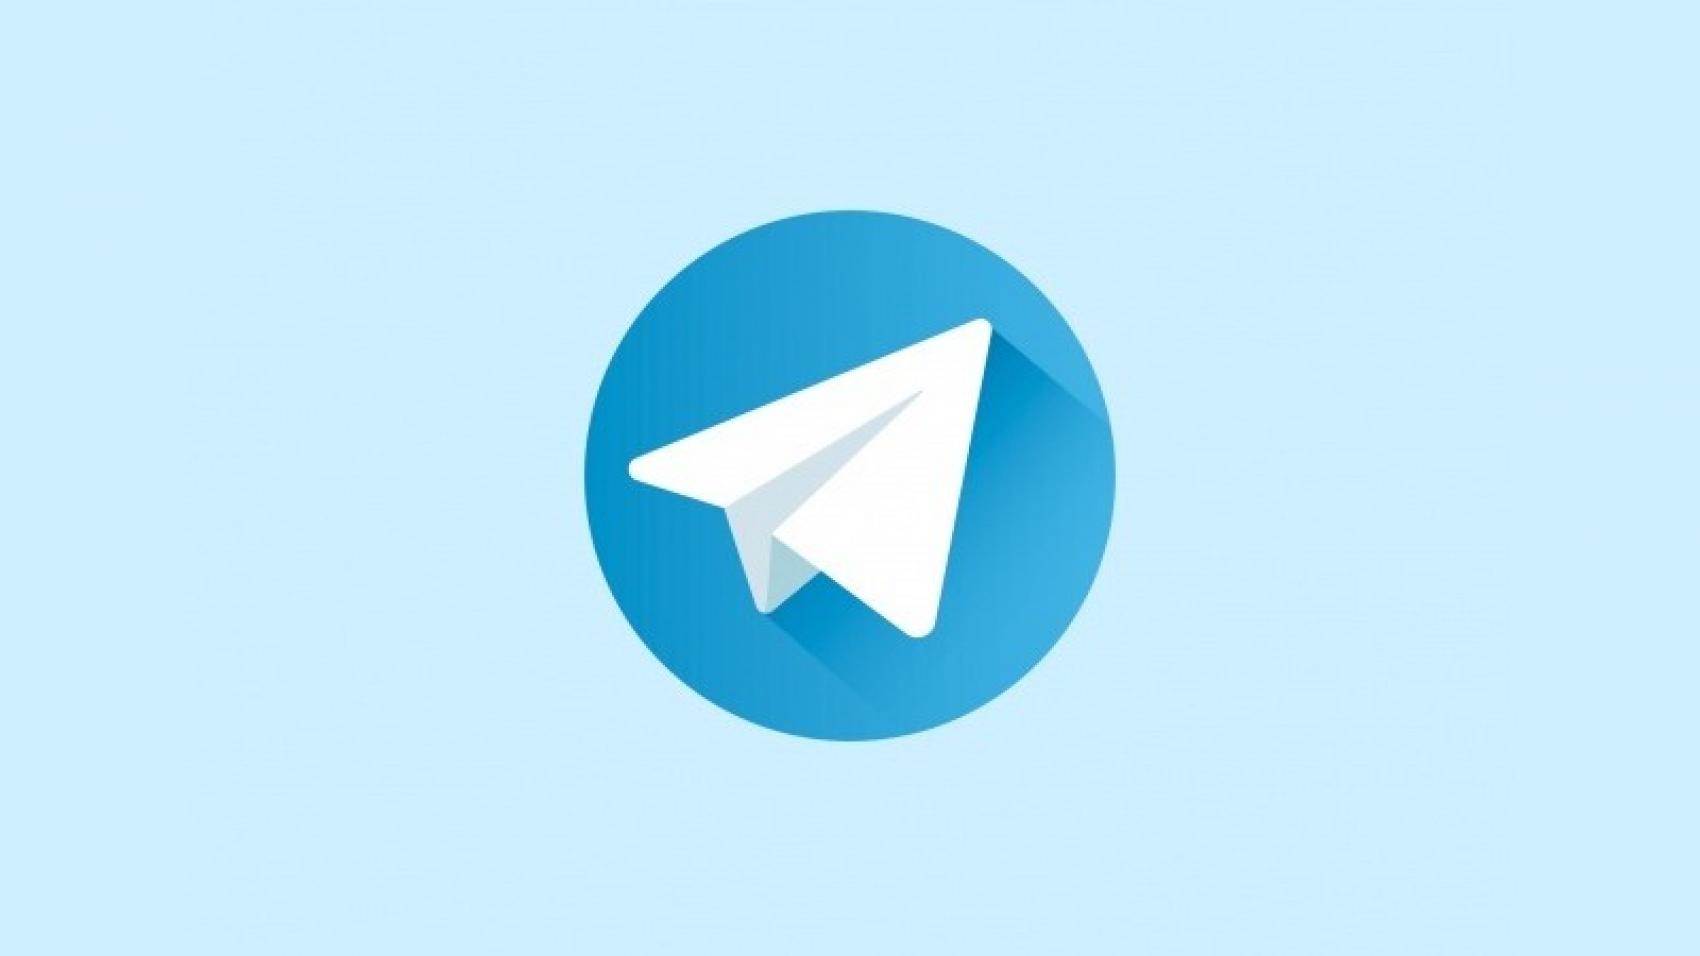 Аудитория Telegram выросла на 70 миллионов пользователей за день